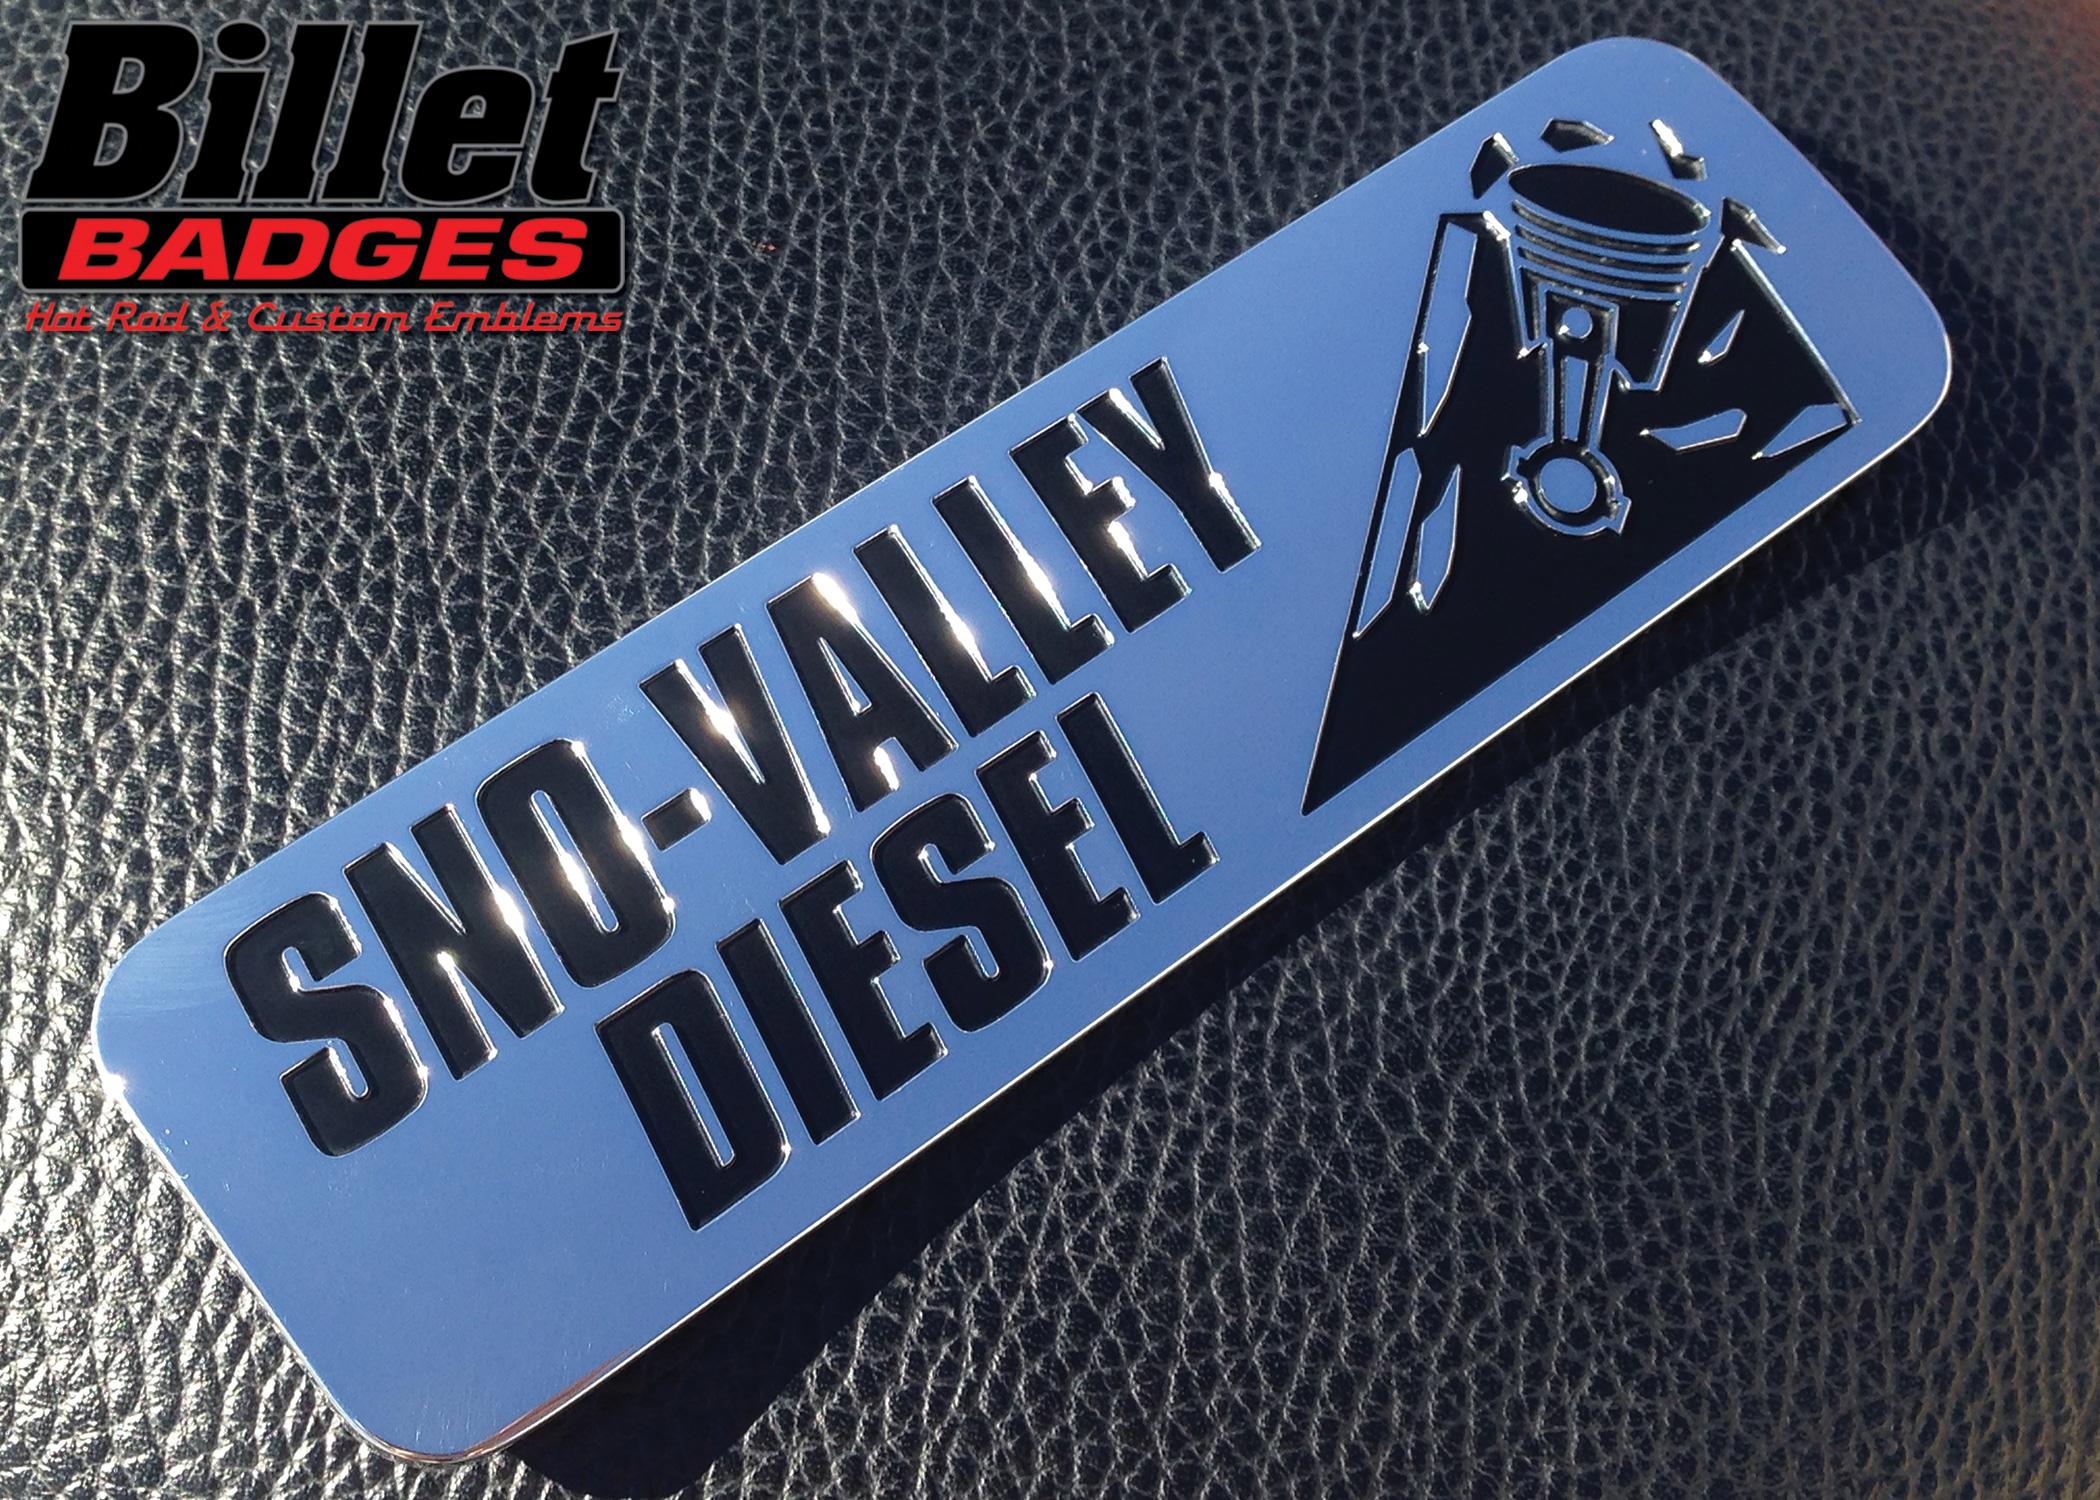 Sno-Valley Diesel